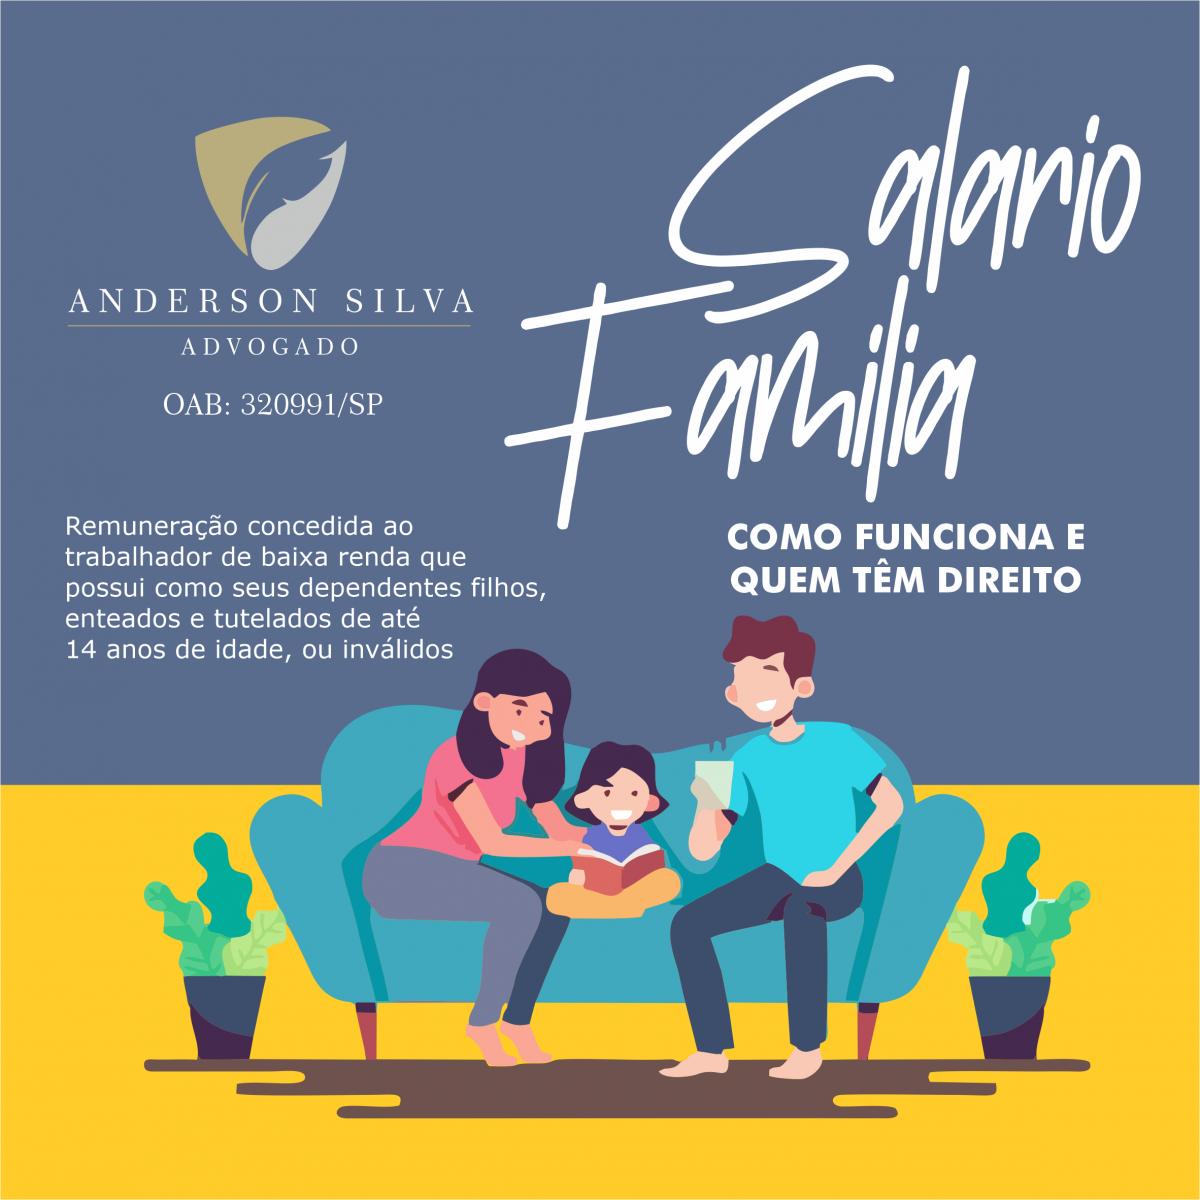 Salário Família: como funciona e quem têm direito